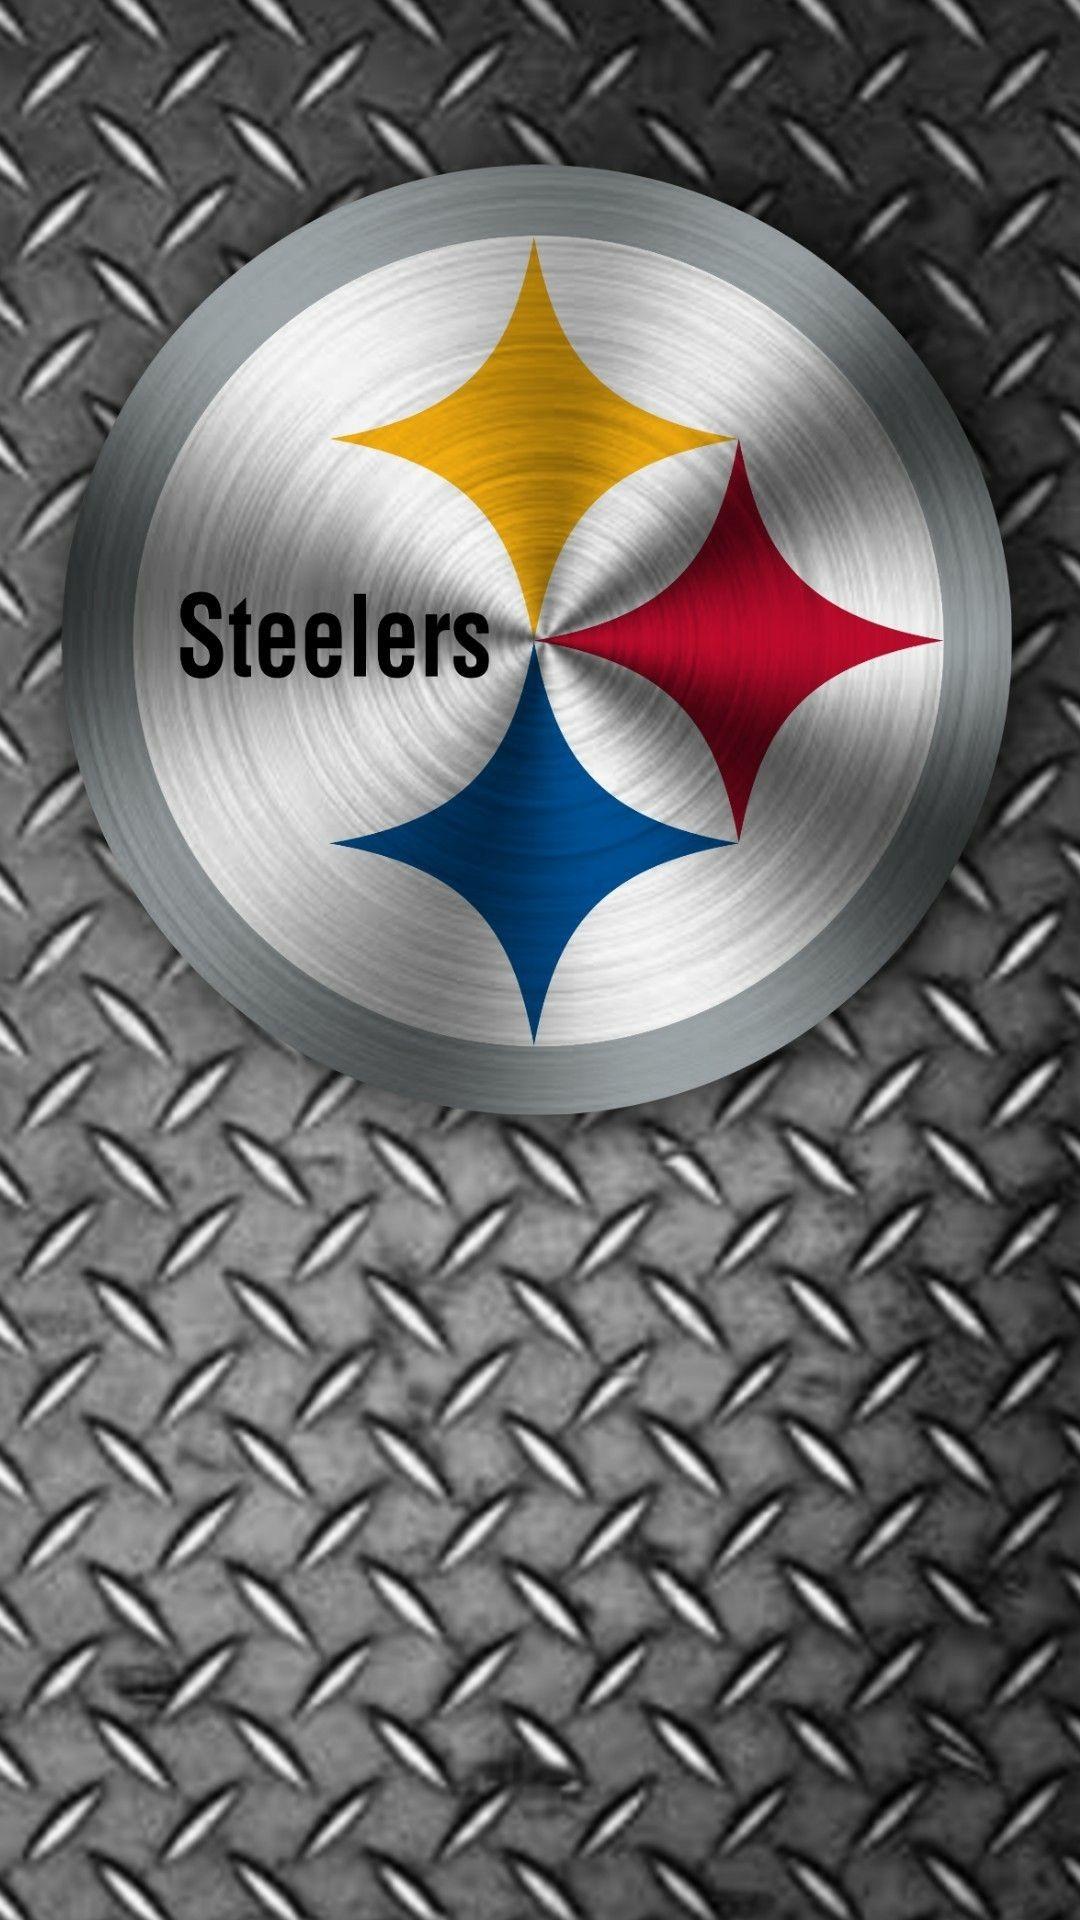 Res: 1080x1920, Steelers Team, Pittsburgh Steelers Football, Steelers Stuff, Steeler  Nation, Football Stuff,